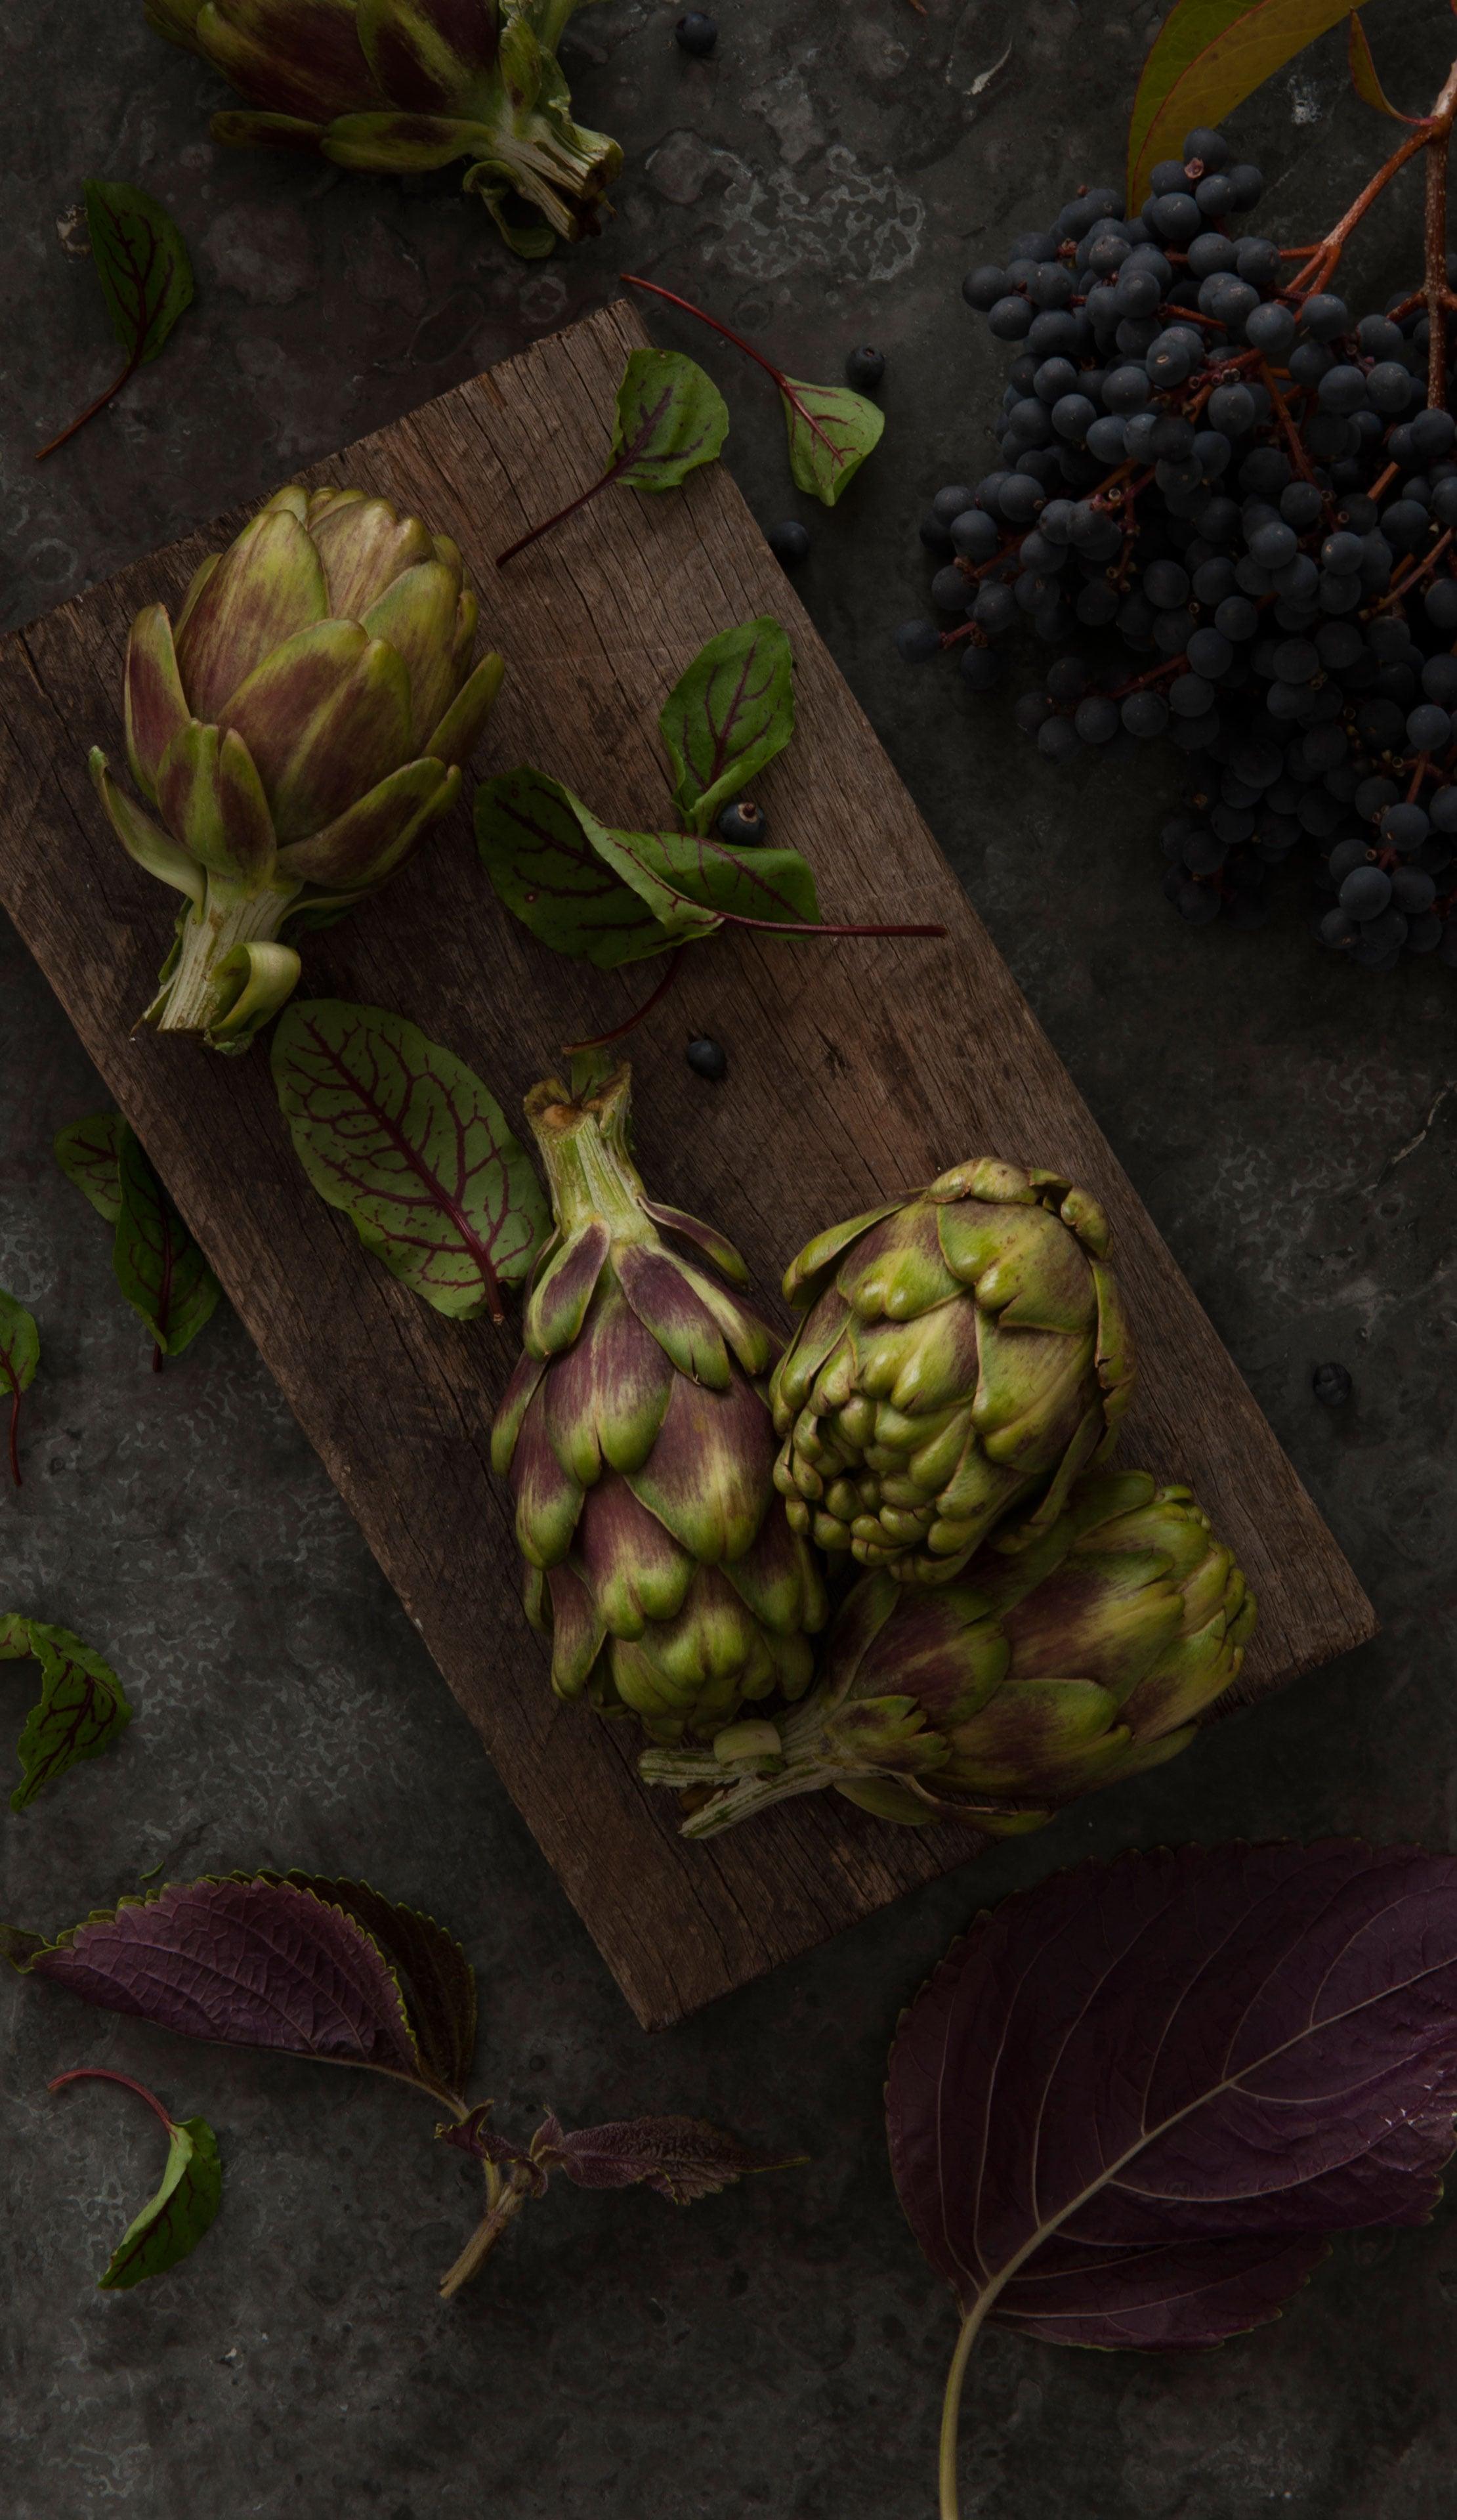 Artichoke, food styling